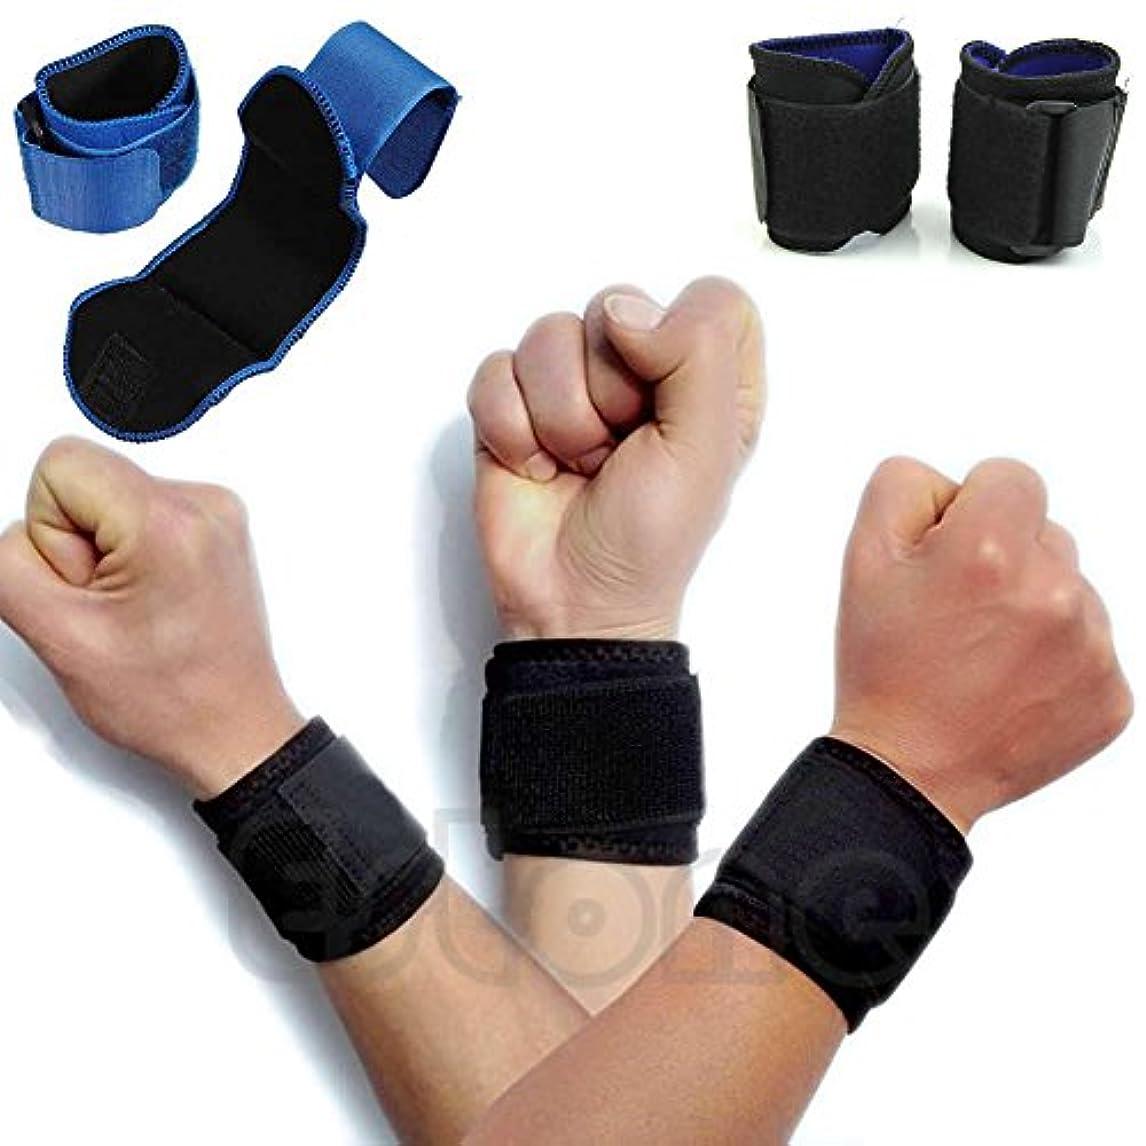 ビスケットタンク冒険者新 調節可 スポーツ用 手首 巻き付け 包帯 ジム支援 締付手首バンド 1カップル